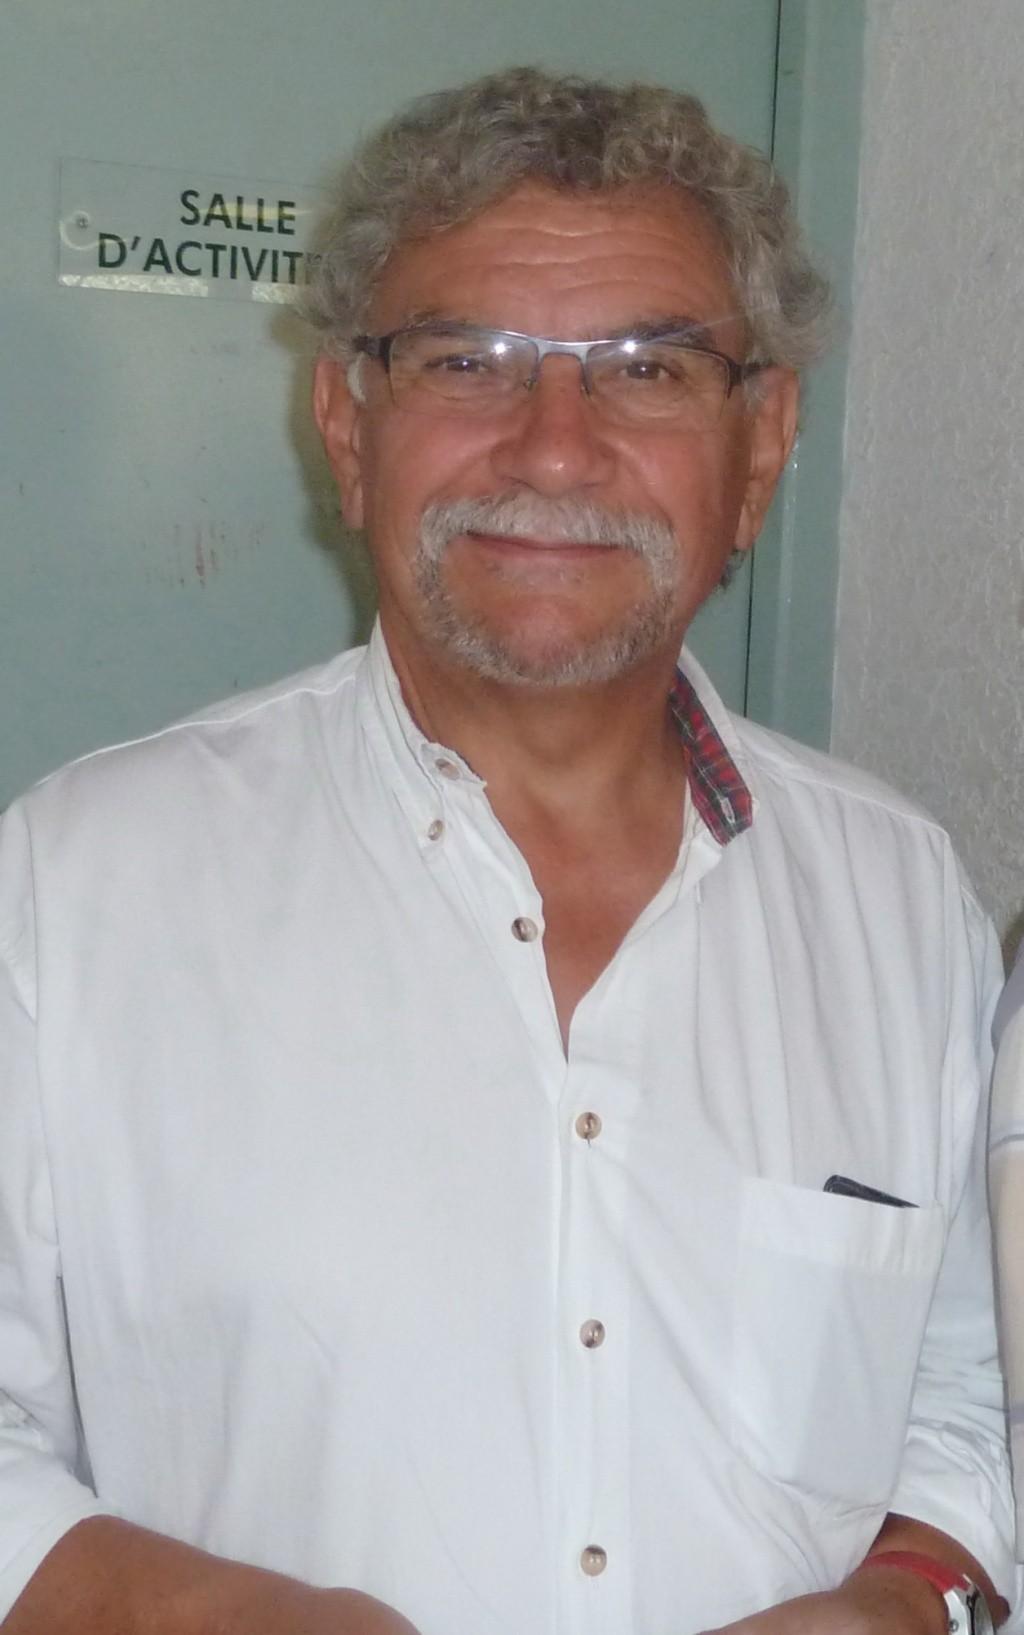 Pierre Cottereau Net Worth